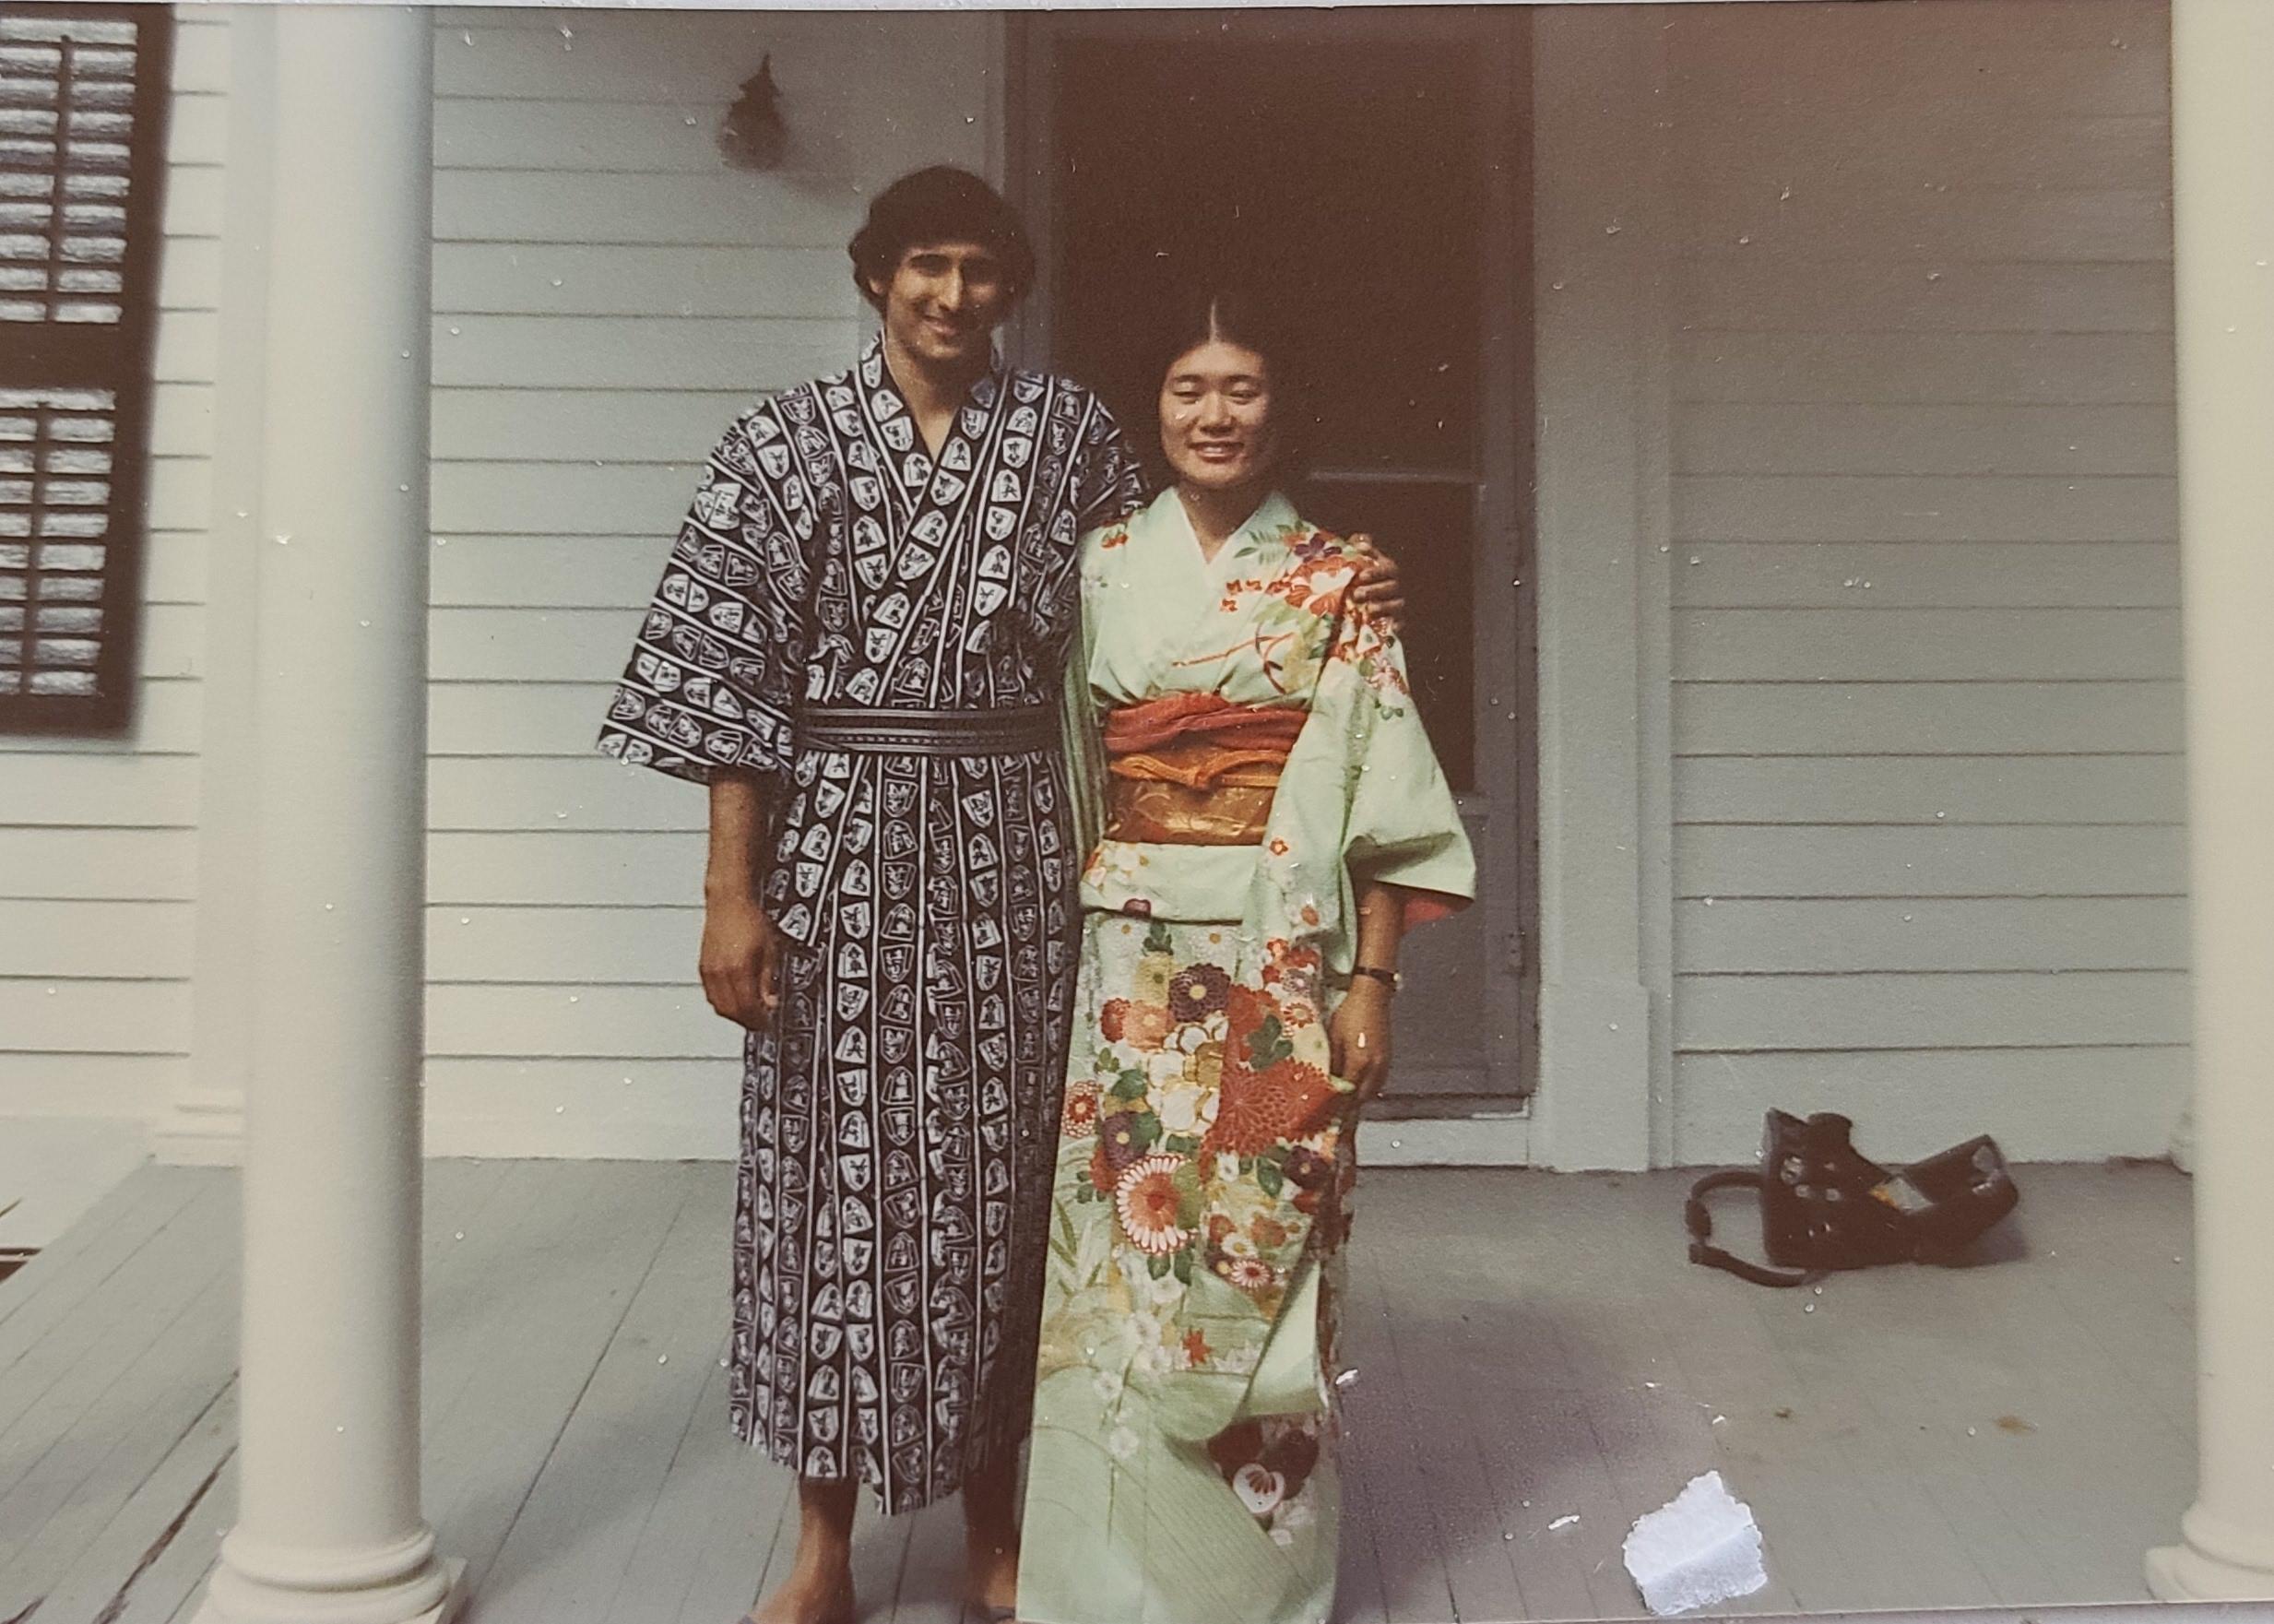 Hiroko Imamura with her Husband Kamla